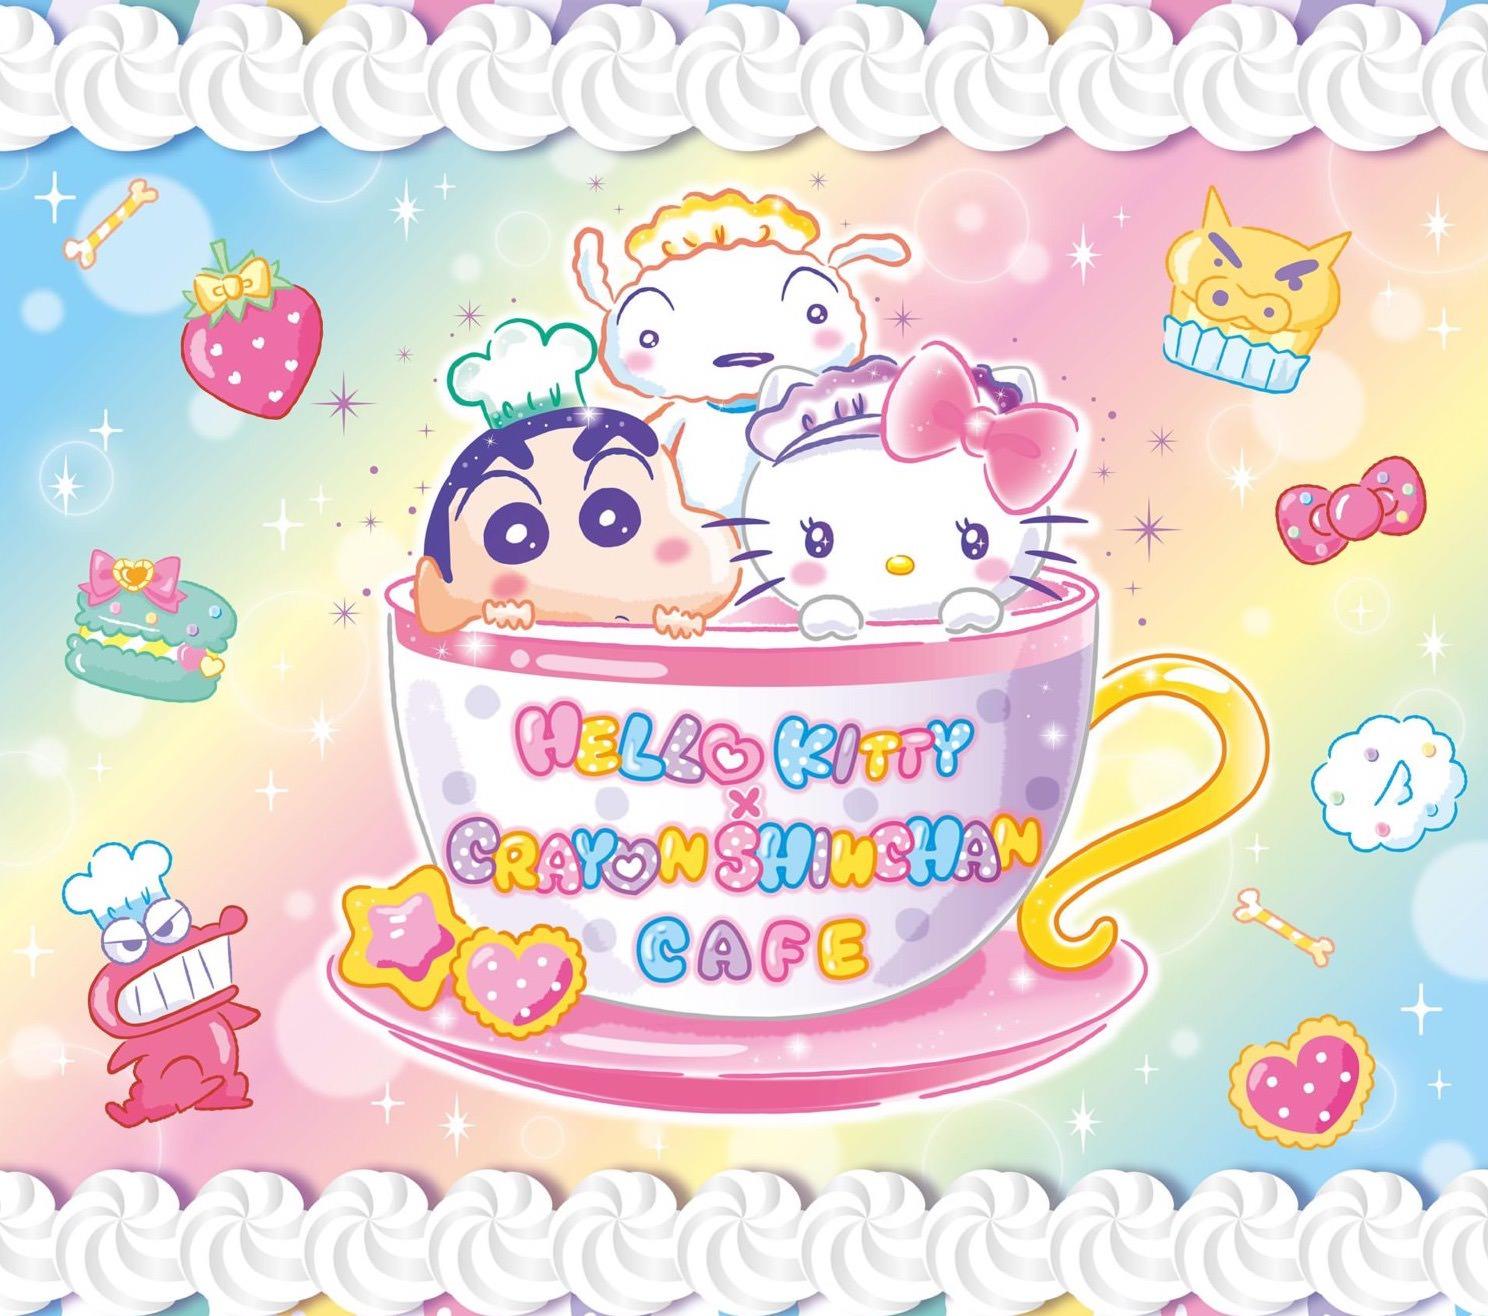 キティ × しんちゃんカフェが大阪にもやってくる💓期間限定コラボカフェ開催🎉